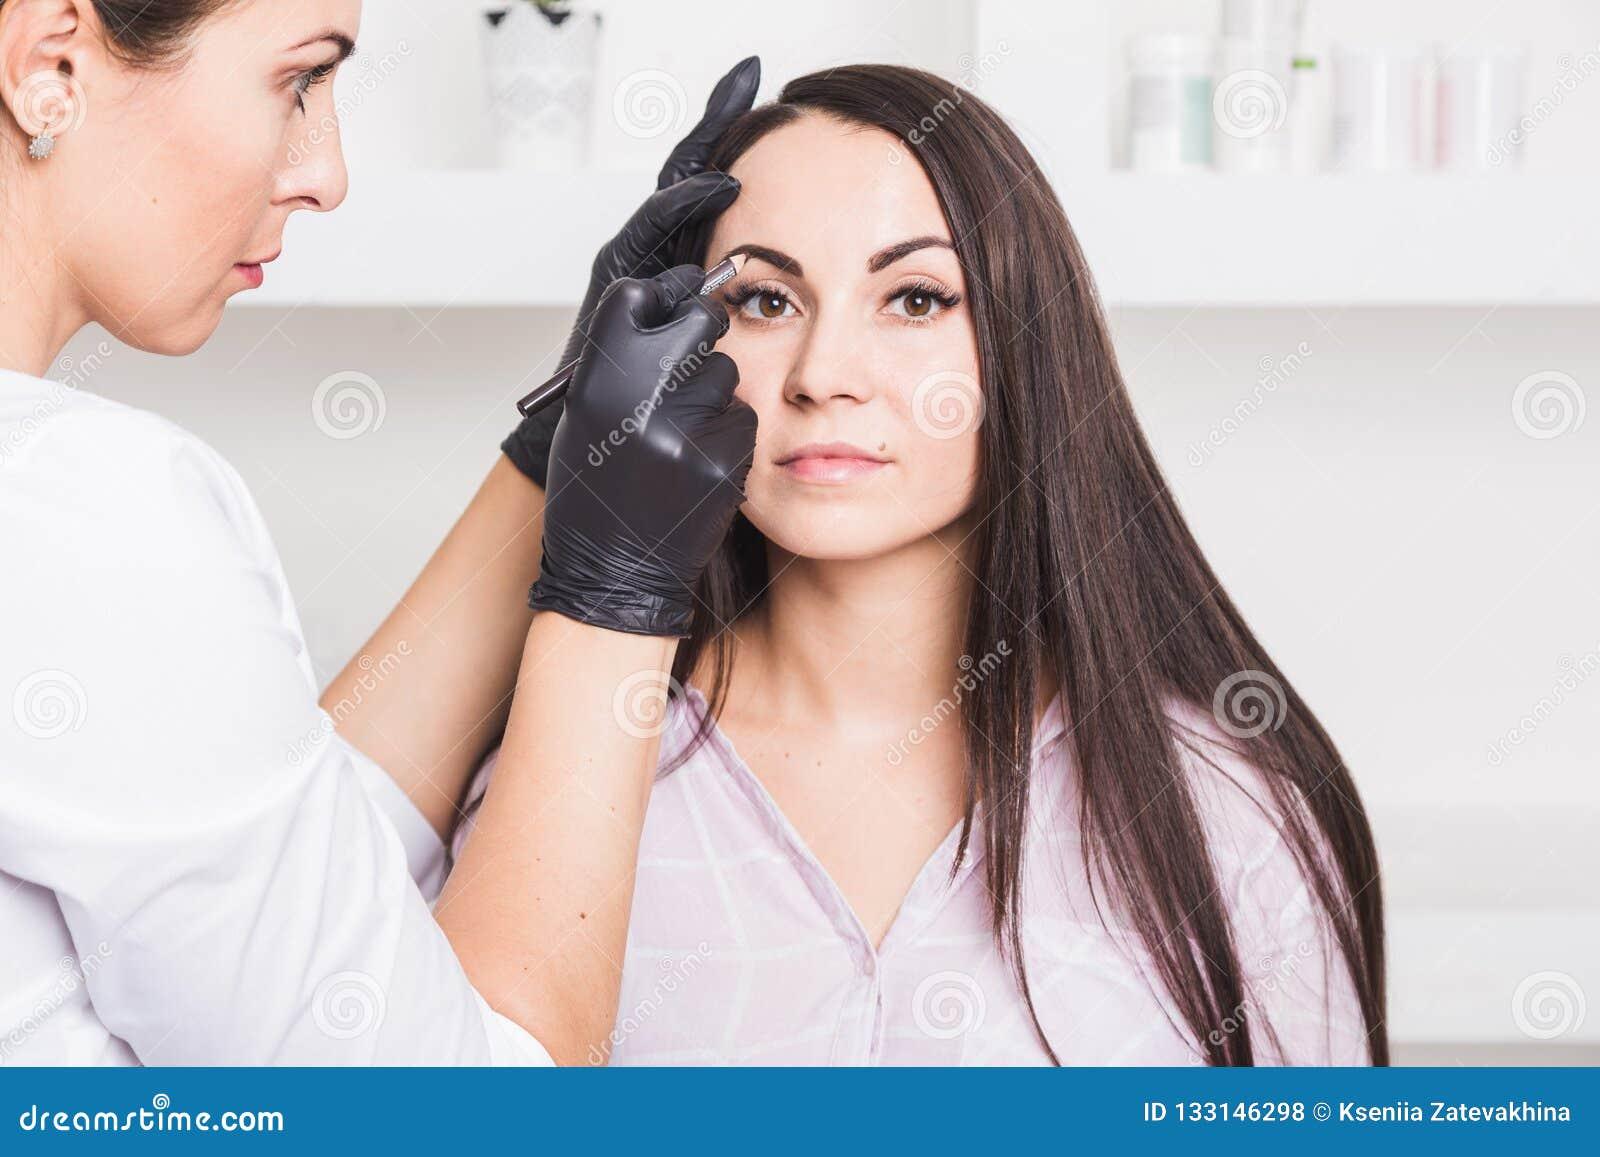 Dauerhaftes Make-up für Augenbrauen der schönen jungen Frau im Schönheitssalon